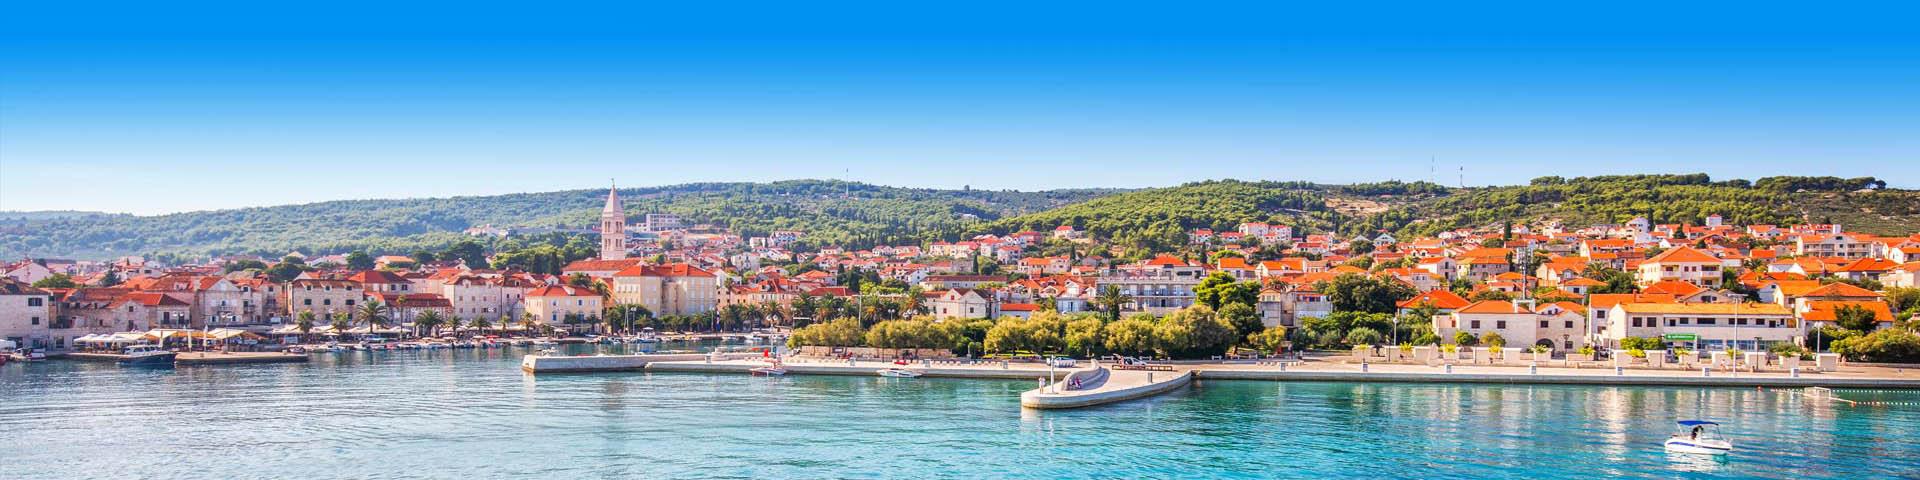 Panorama van blauwe met huizen aan de zee in Kroatië.